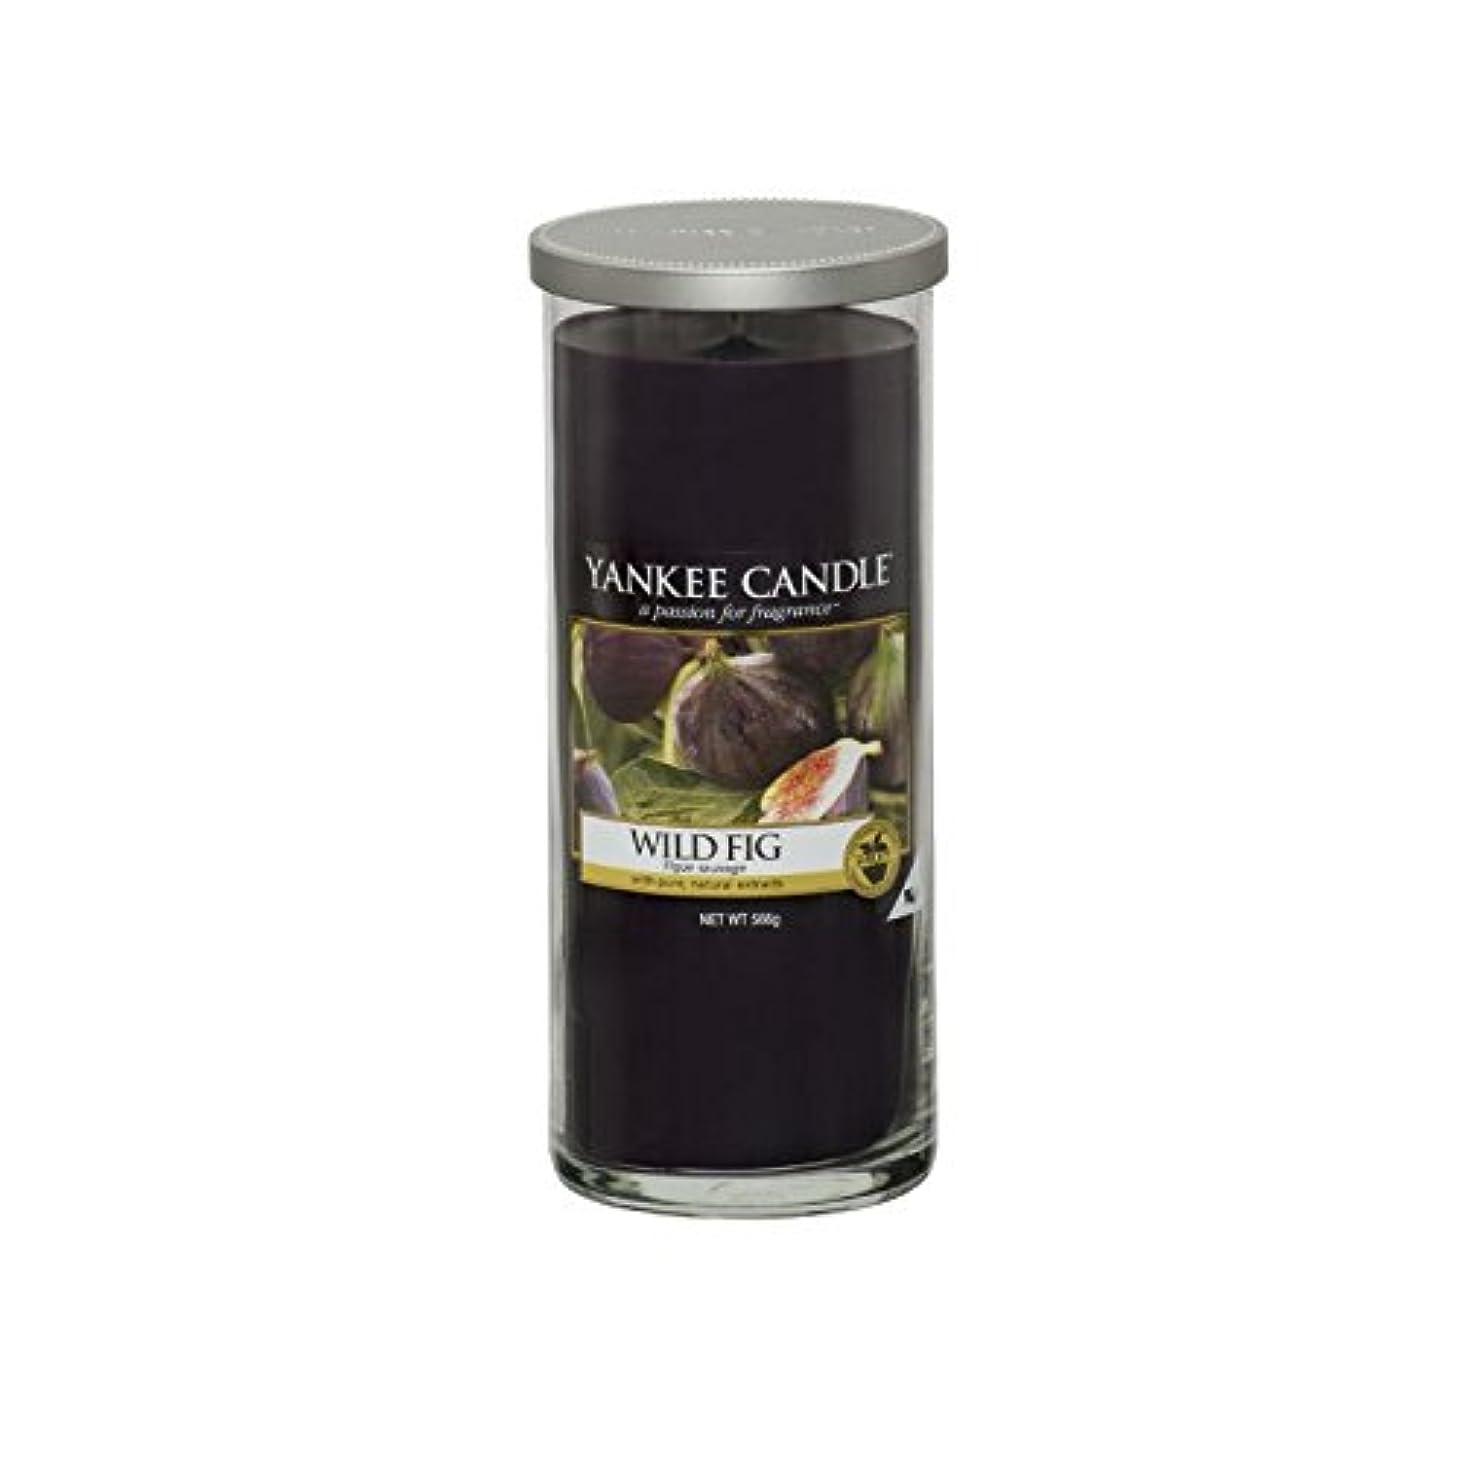 蛇行スキャン矛盾するヤンキーキャンドル大きな柱キャンドル - 野生のイチジク - Yankee Candles Large Pillar Candle - Wild Fig (Yankee Candles) [並行輸入品]